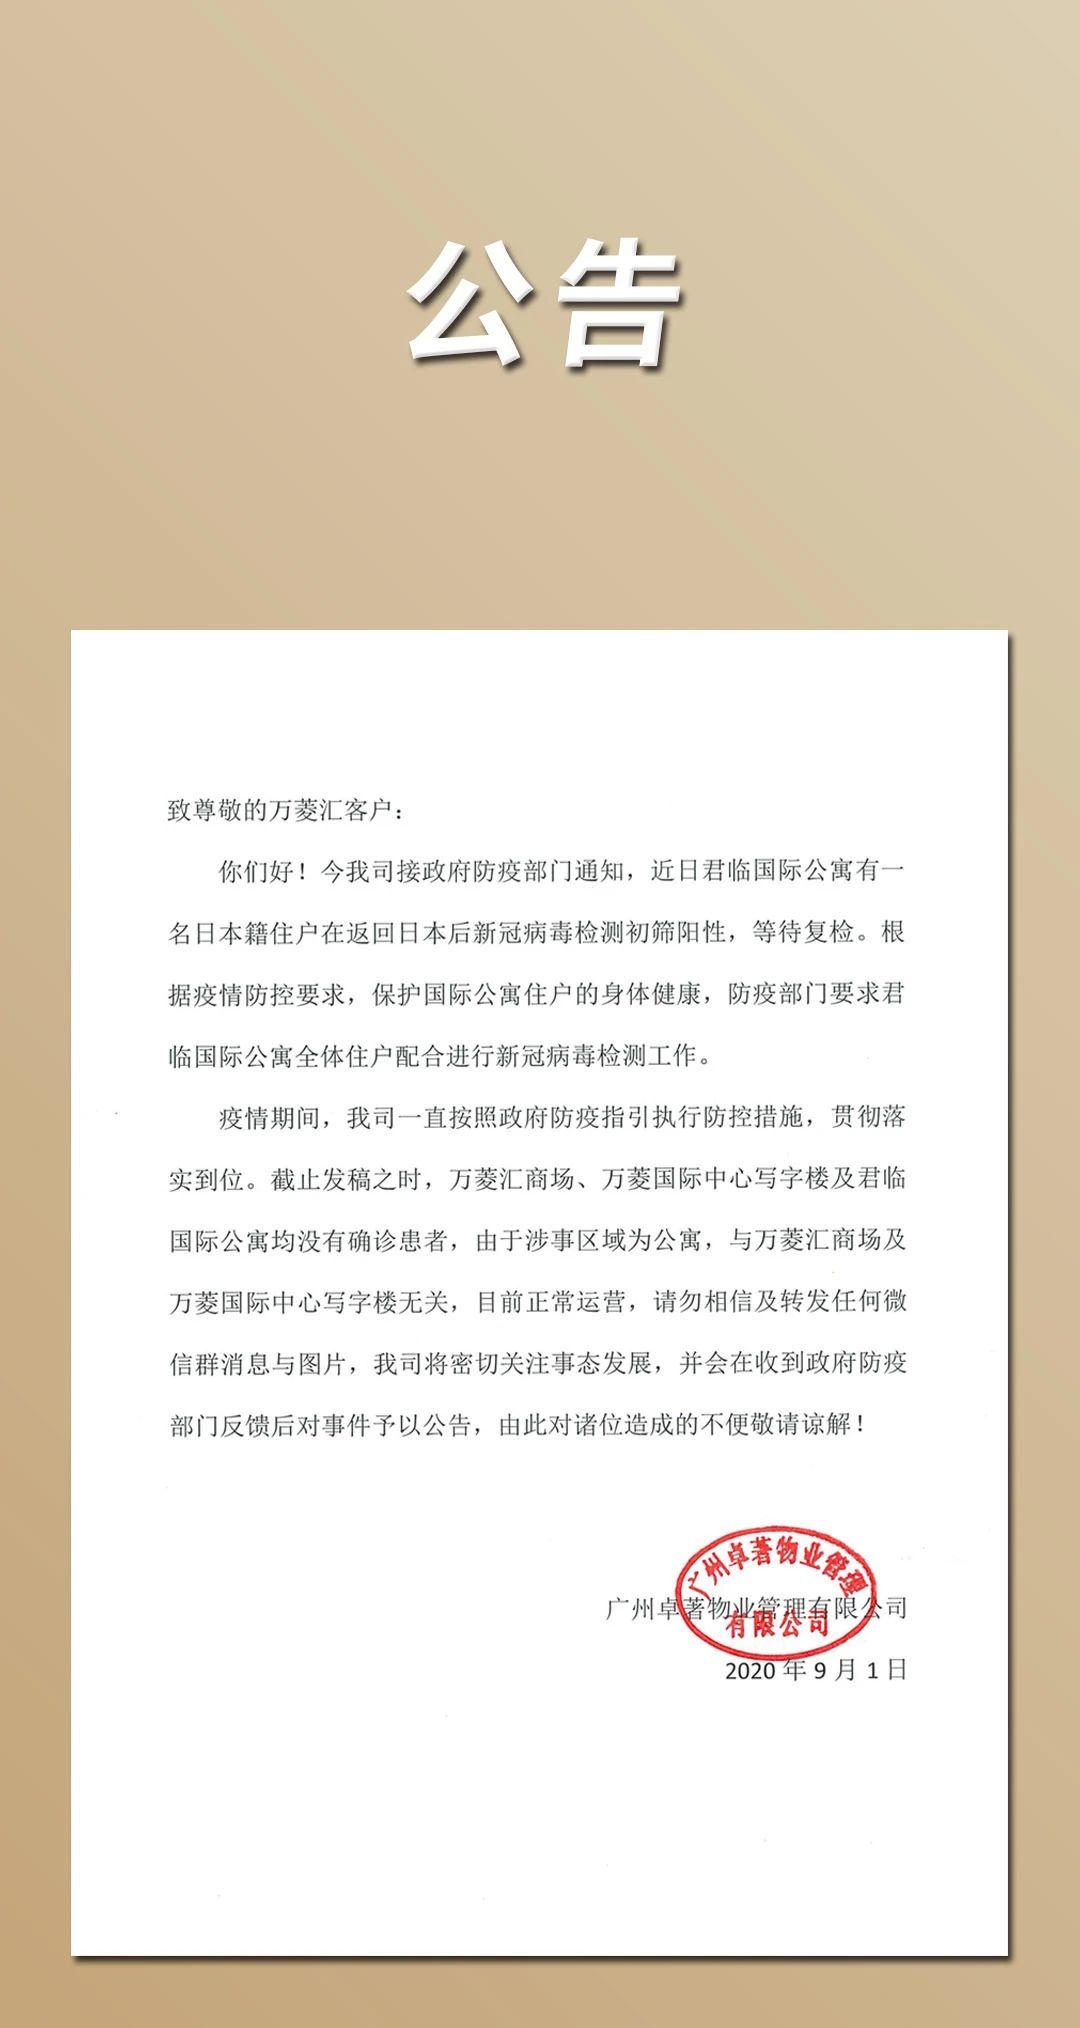 广州一公寓日籍人员返日后新冠初筛阳性 全体住